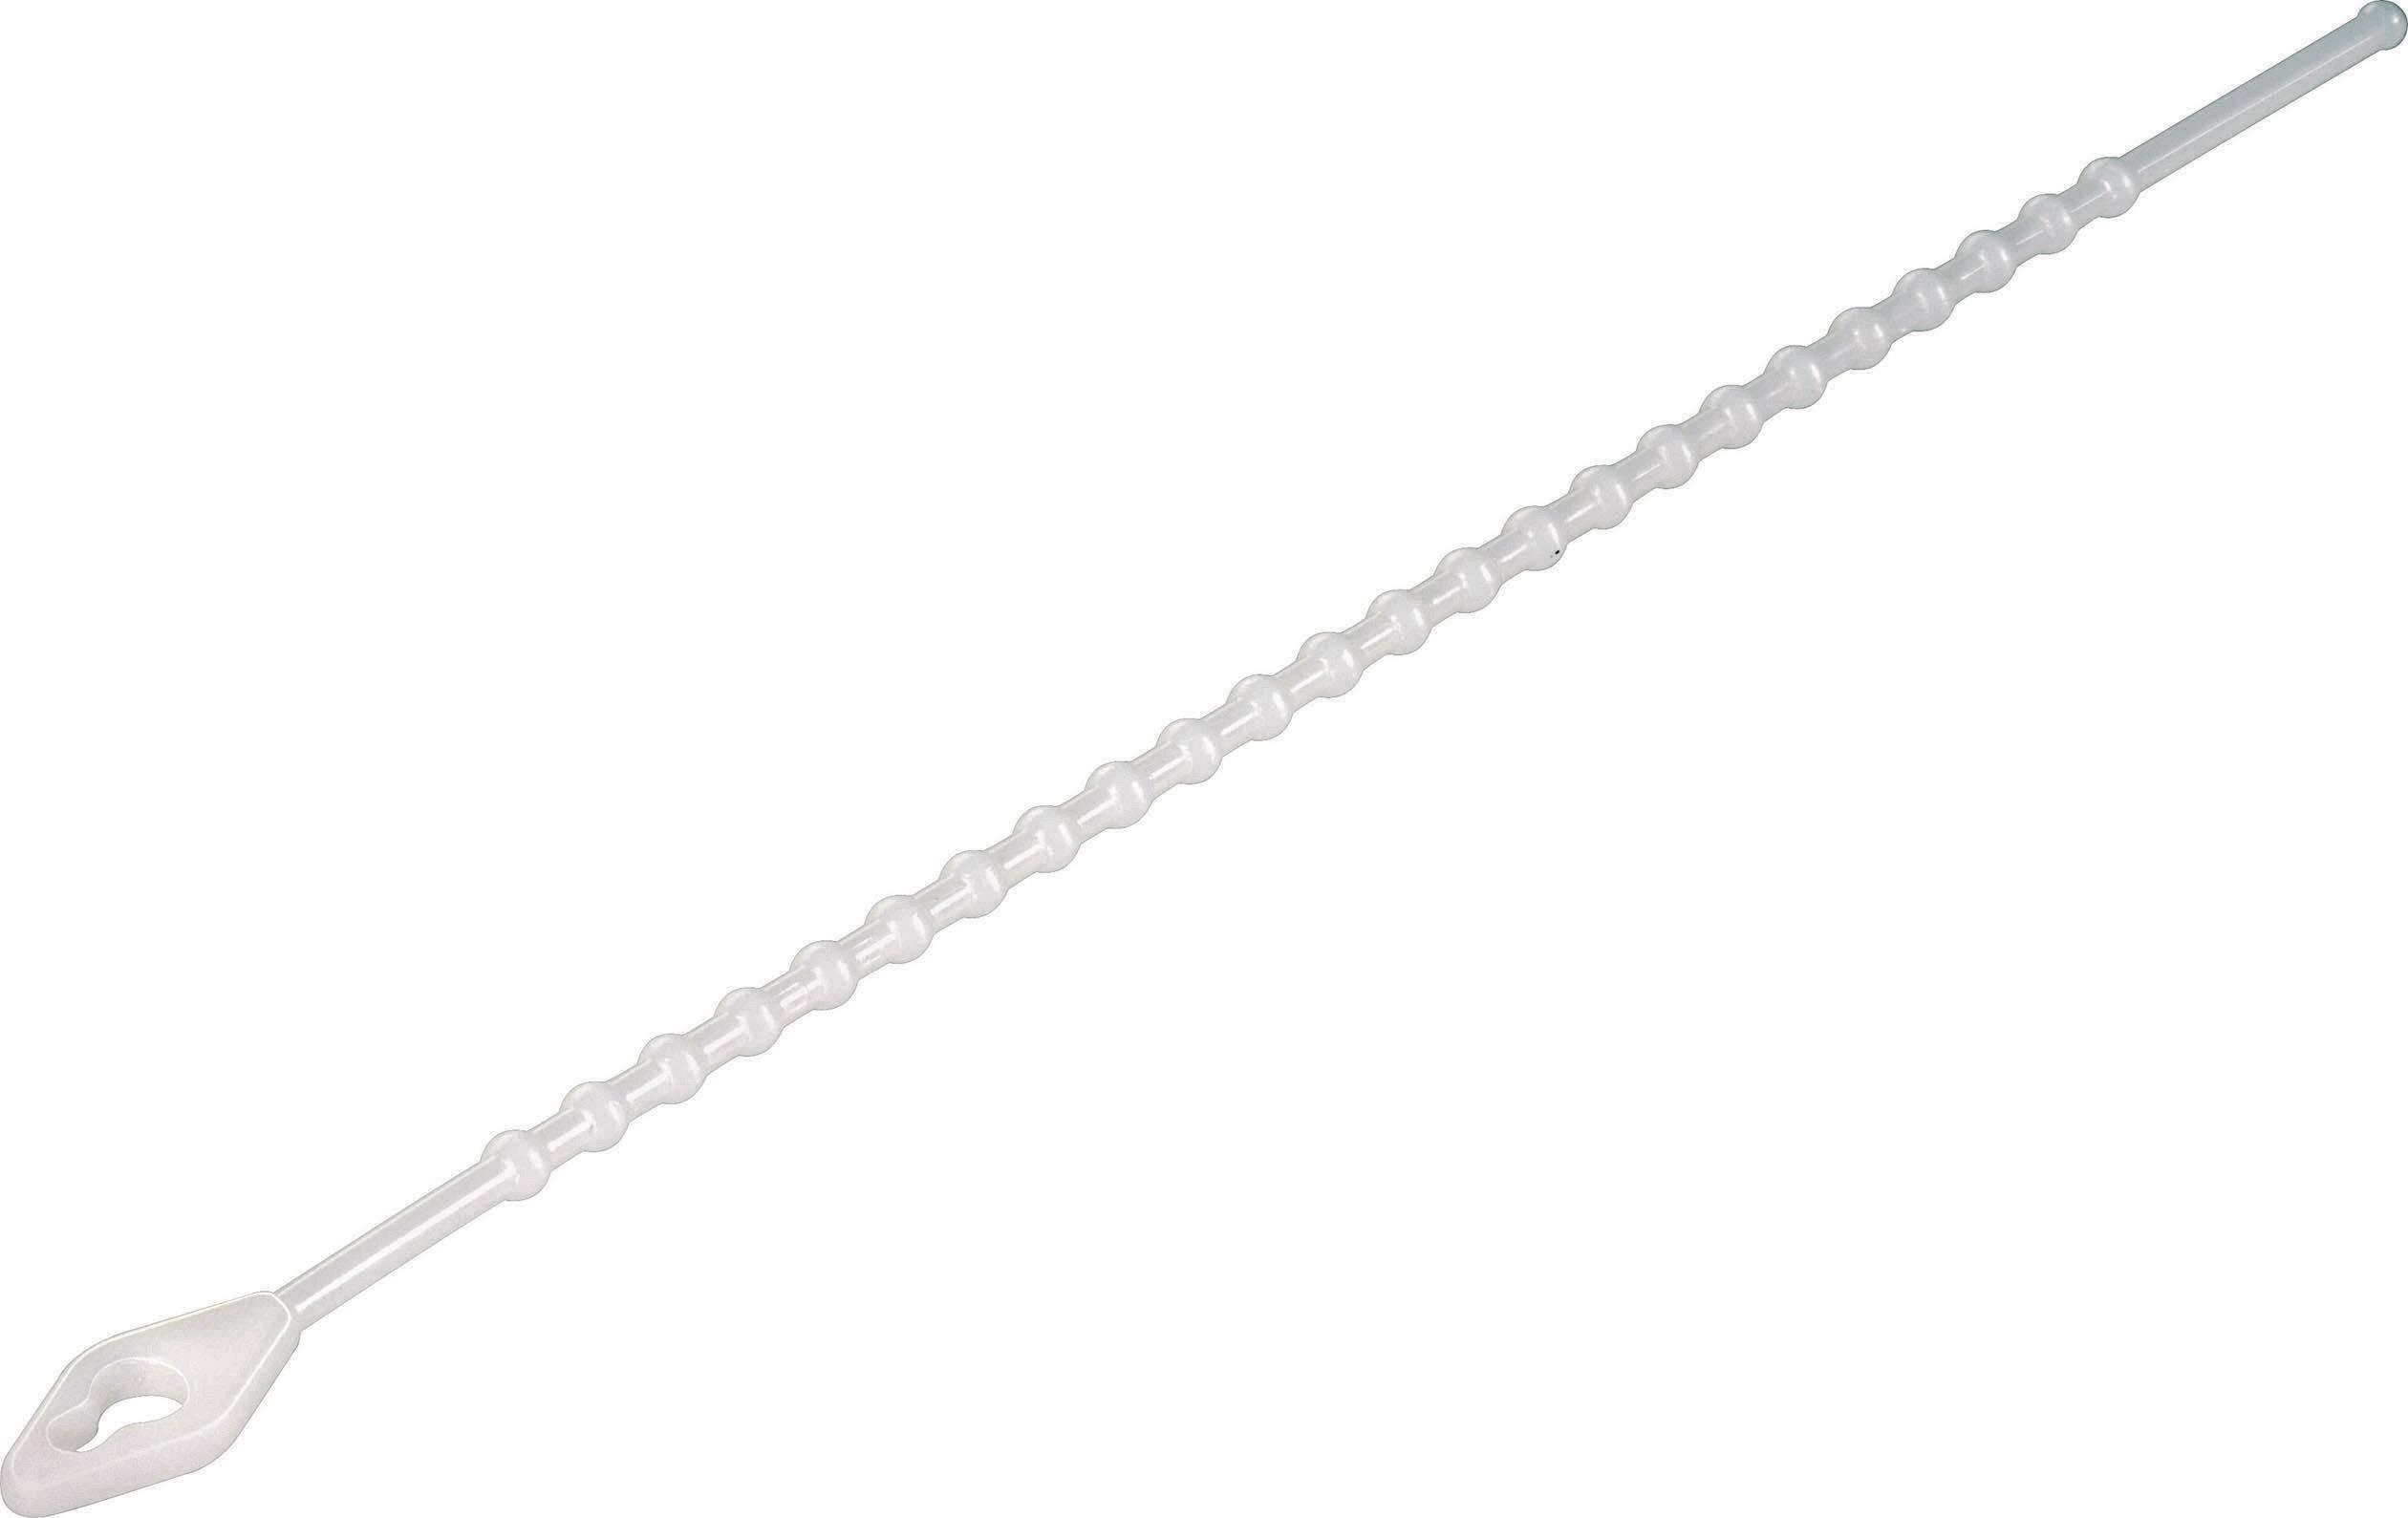 Guľôčková sťahovacia páska KSS TV230 541585, 230 mm, prírodná, 100 ks